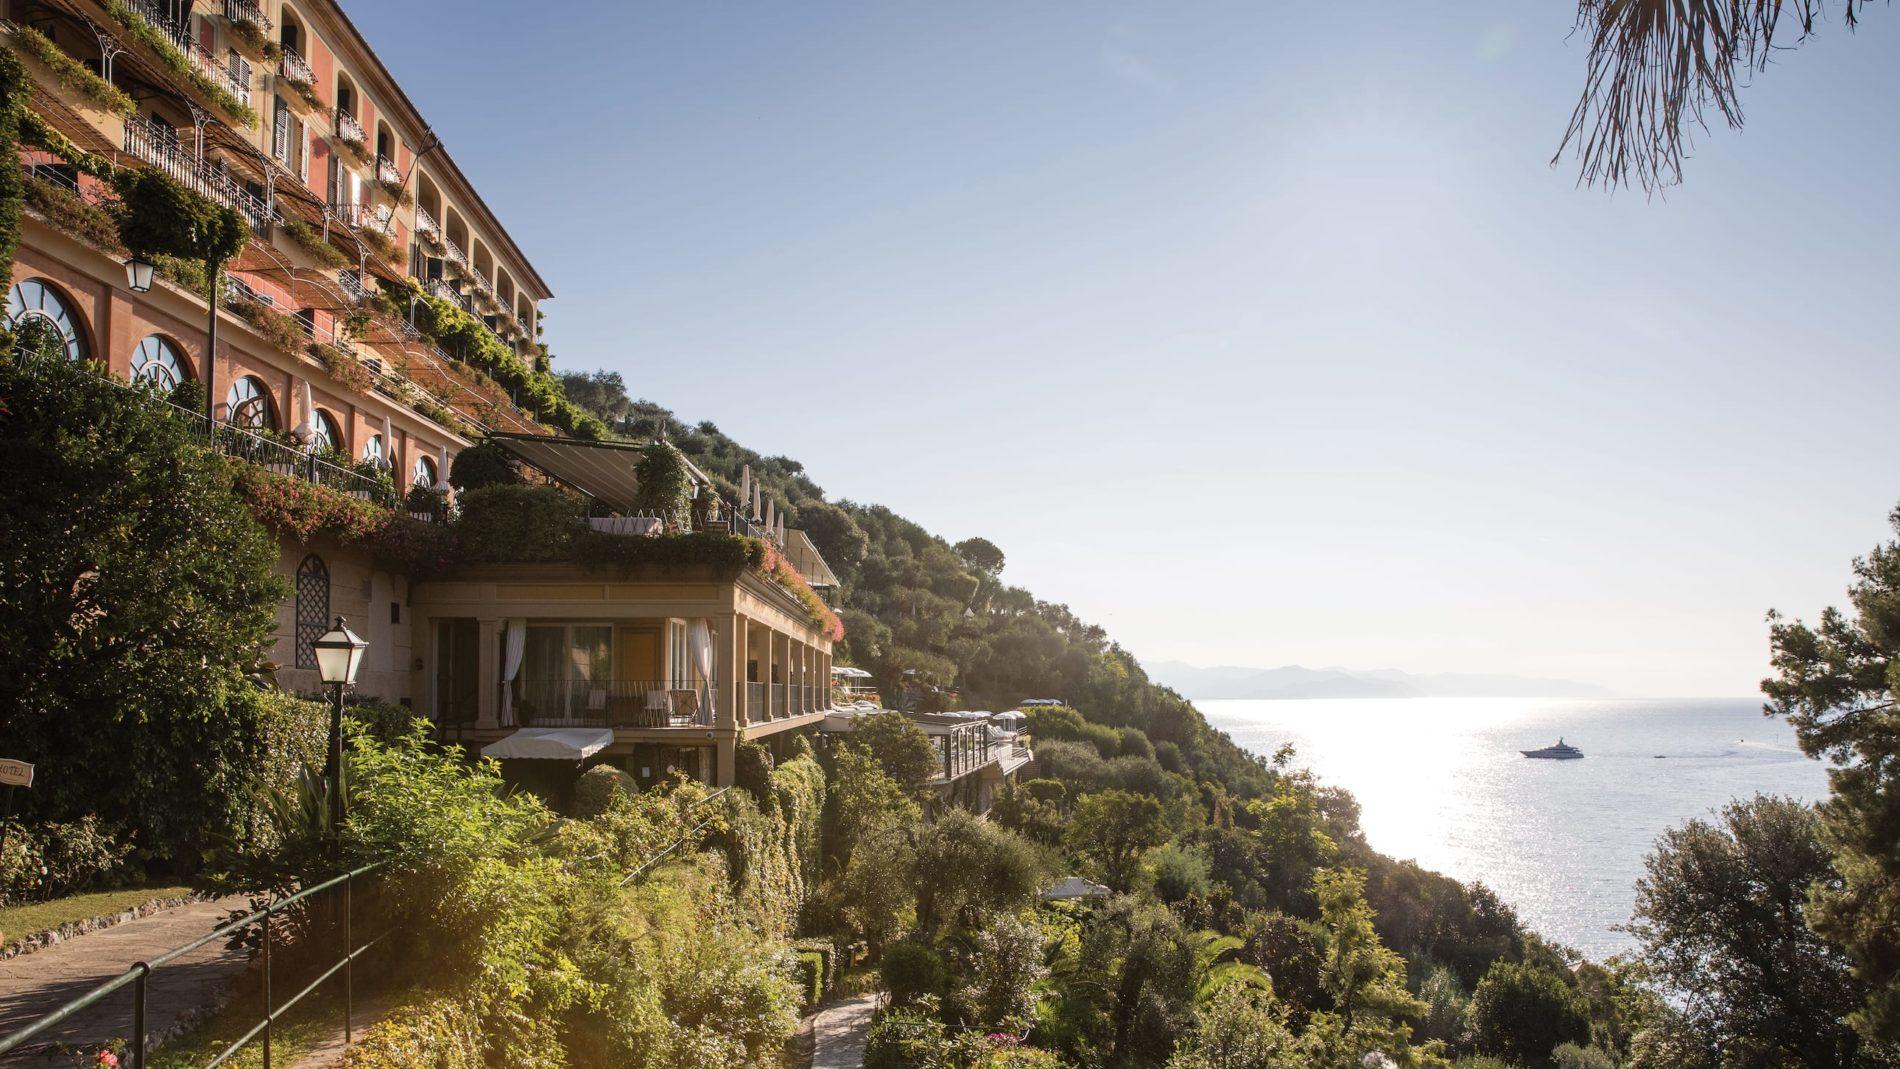 Splendido, Portofino